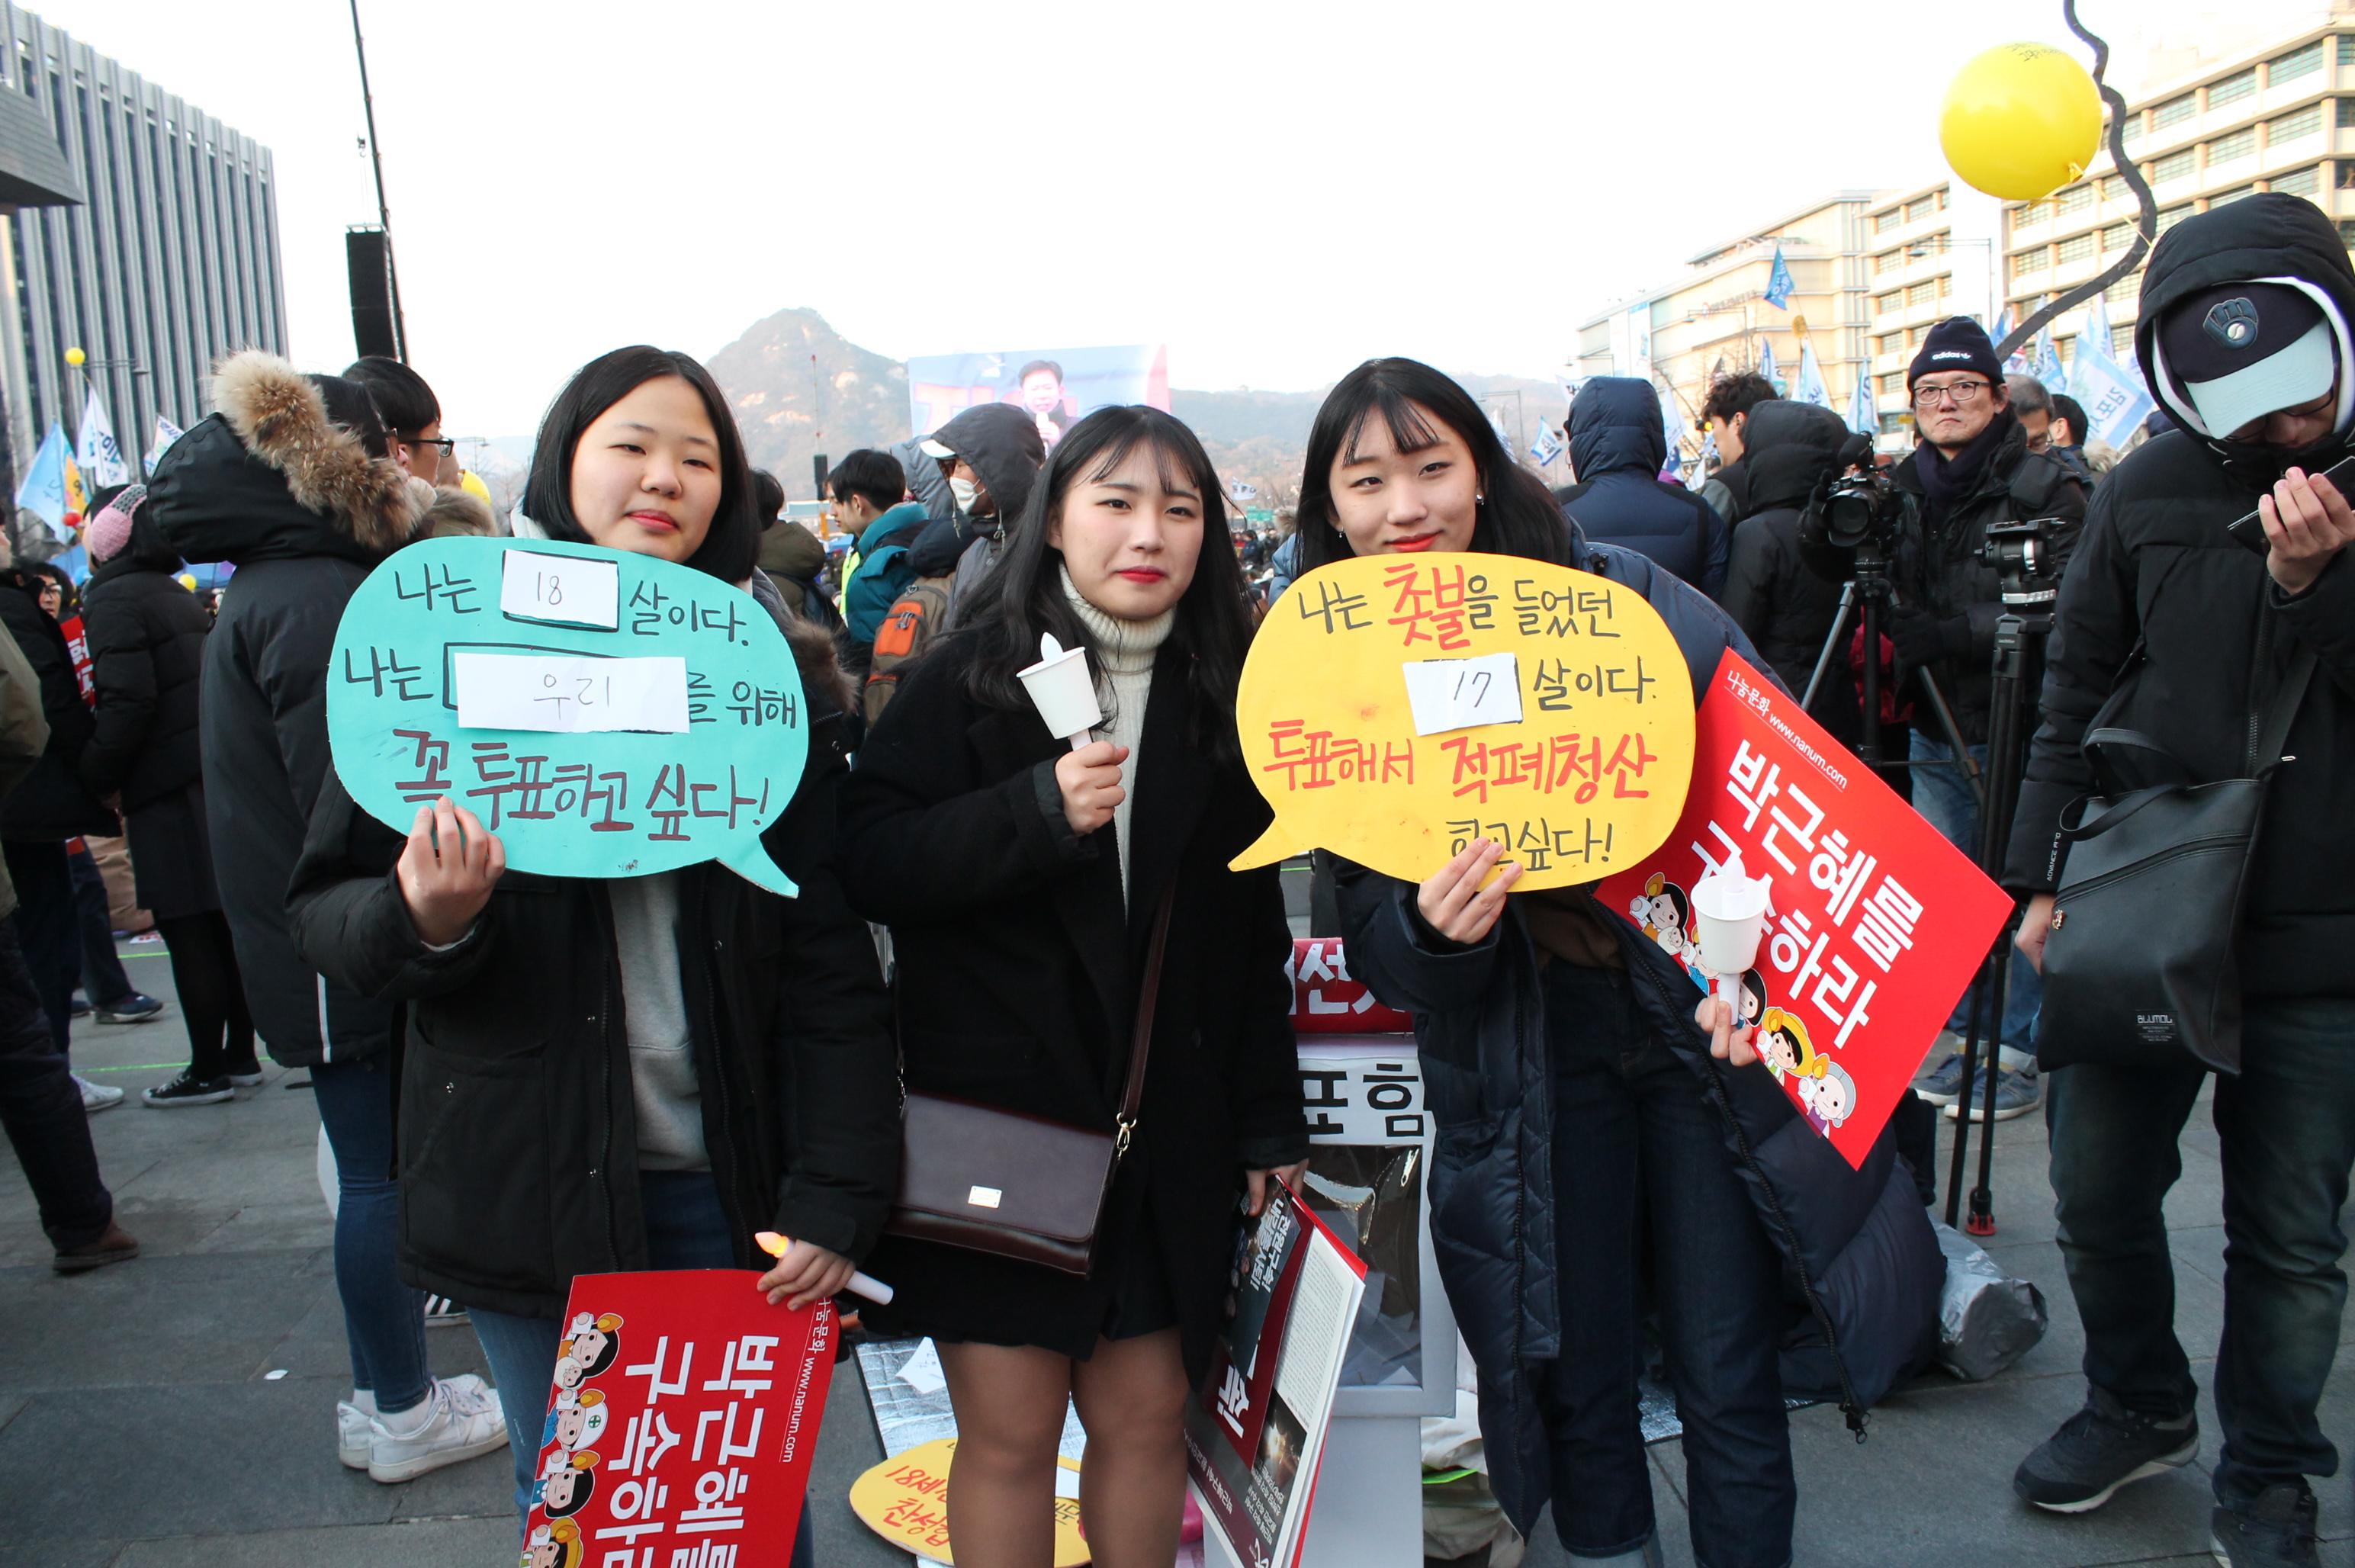 지난 18일 열린 제16차 촛불집회에서 청소년들이 18세 선거권 보장을 요구하며, 기념촬영을 하고 있는 모습